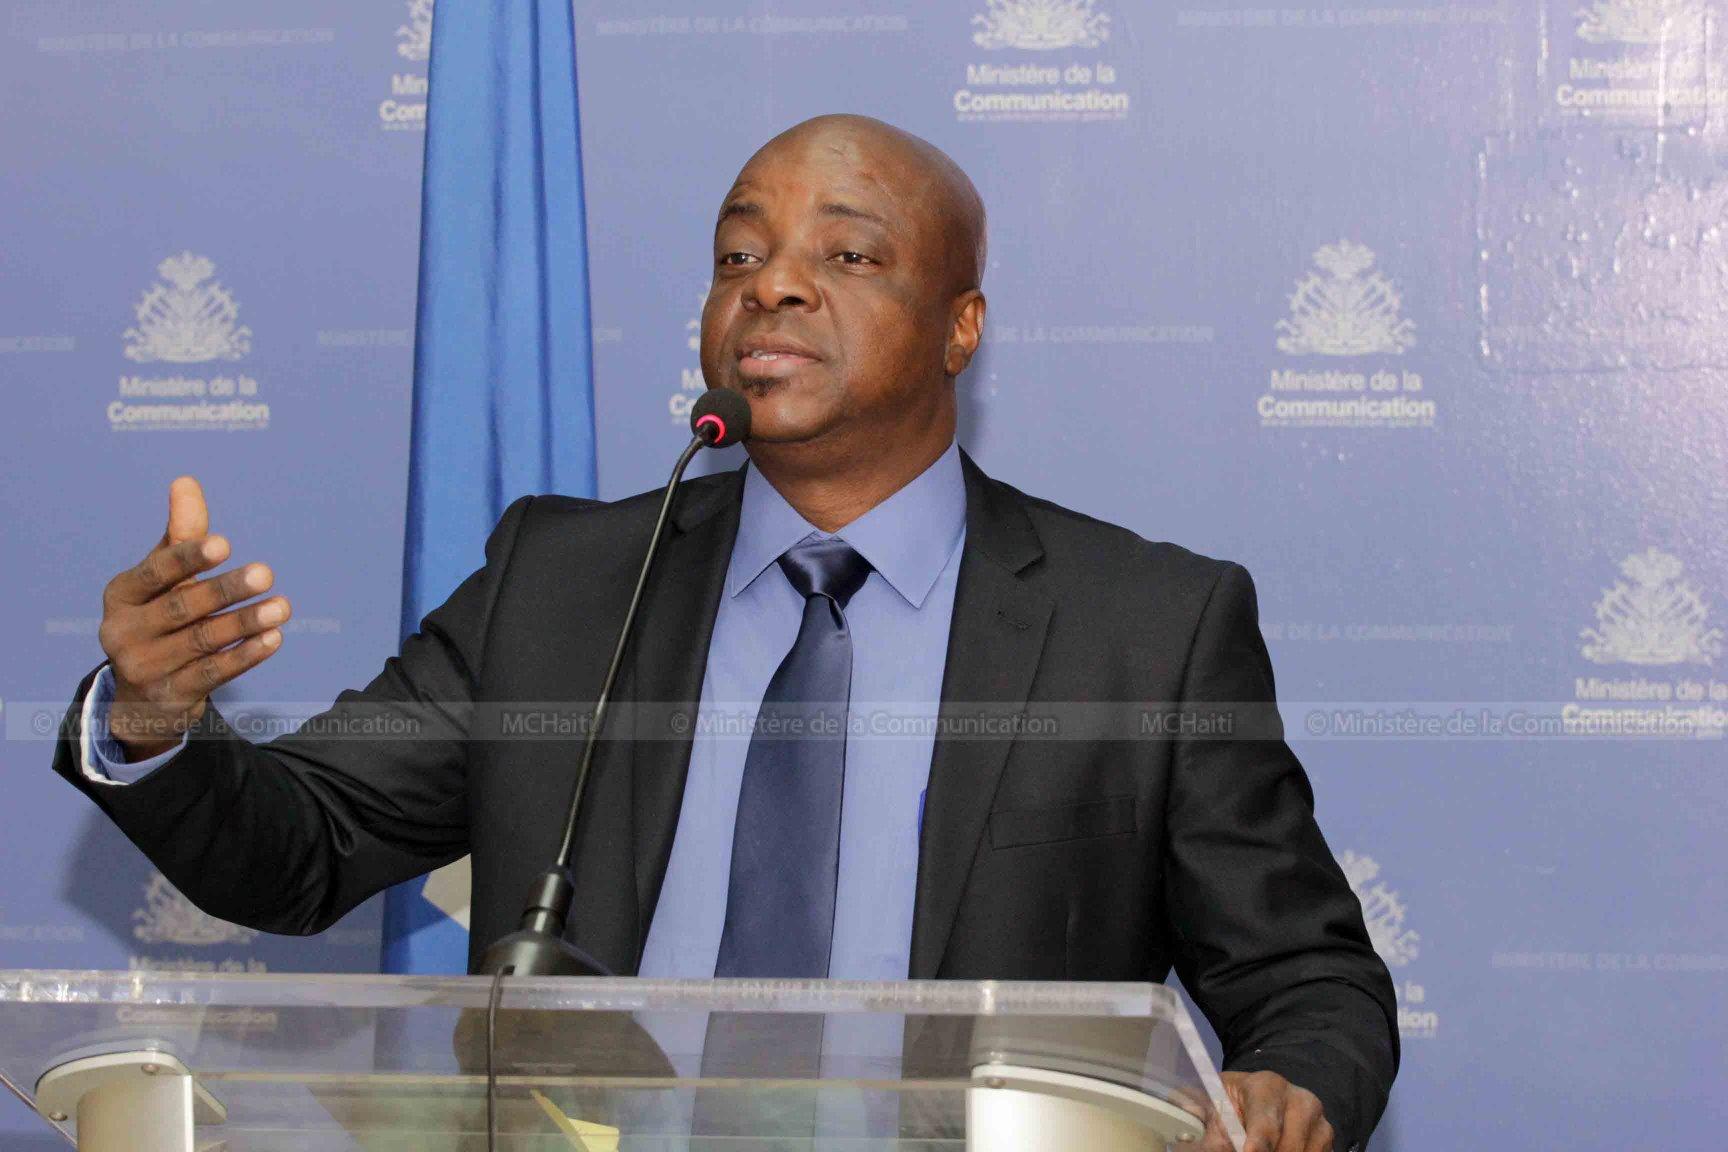 Le nouveau ministre de la Culture et de la Communication, Joseph Guyler C. Delva, en conférence de presse ce jeudi 26 avril 2018./ Photo : Ministère de la Comunication (Facebook)